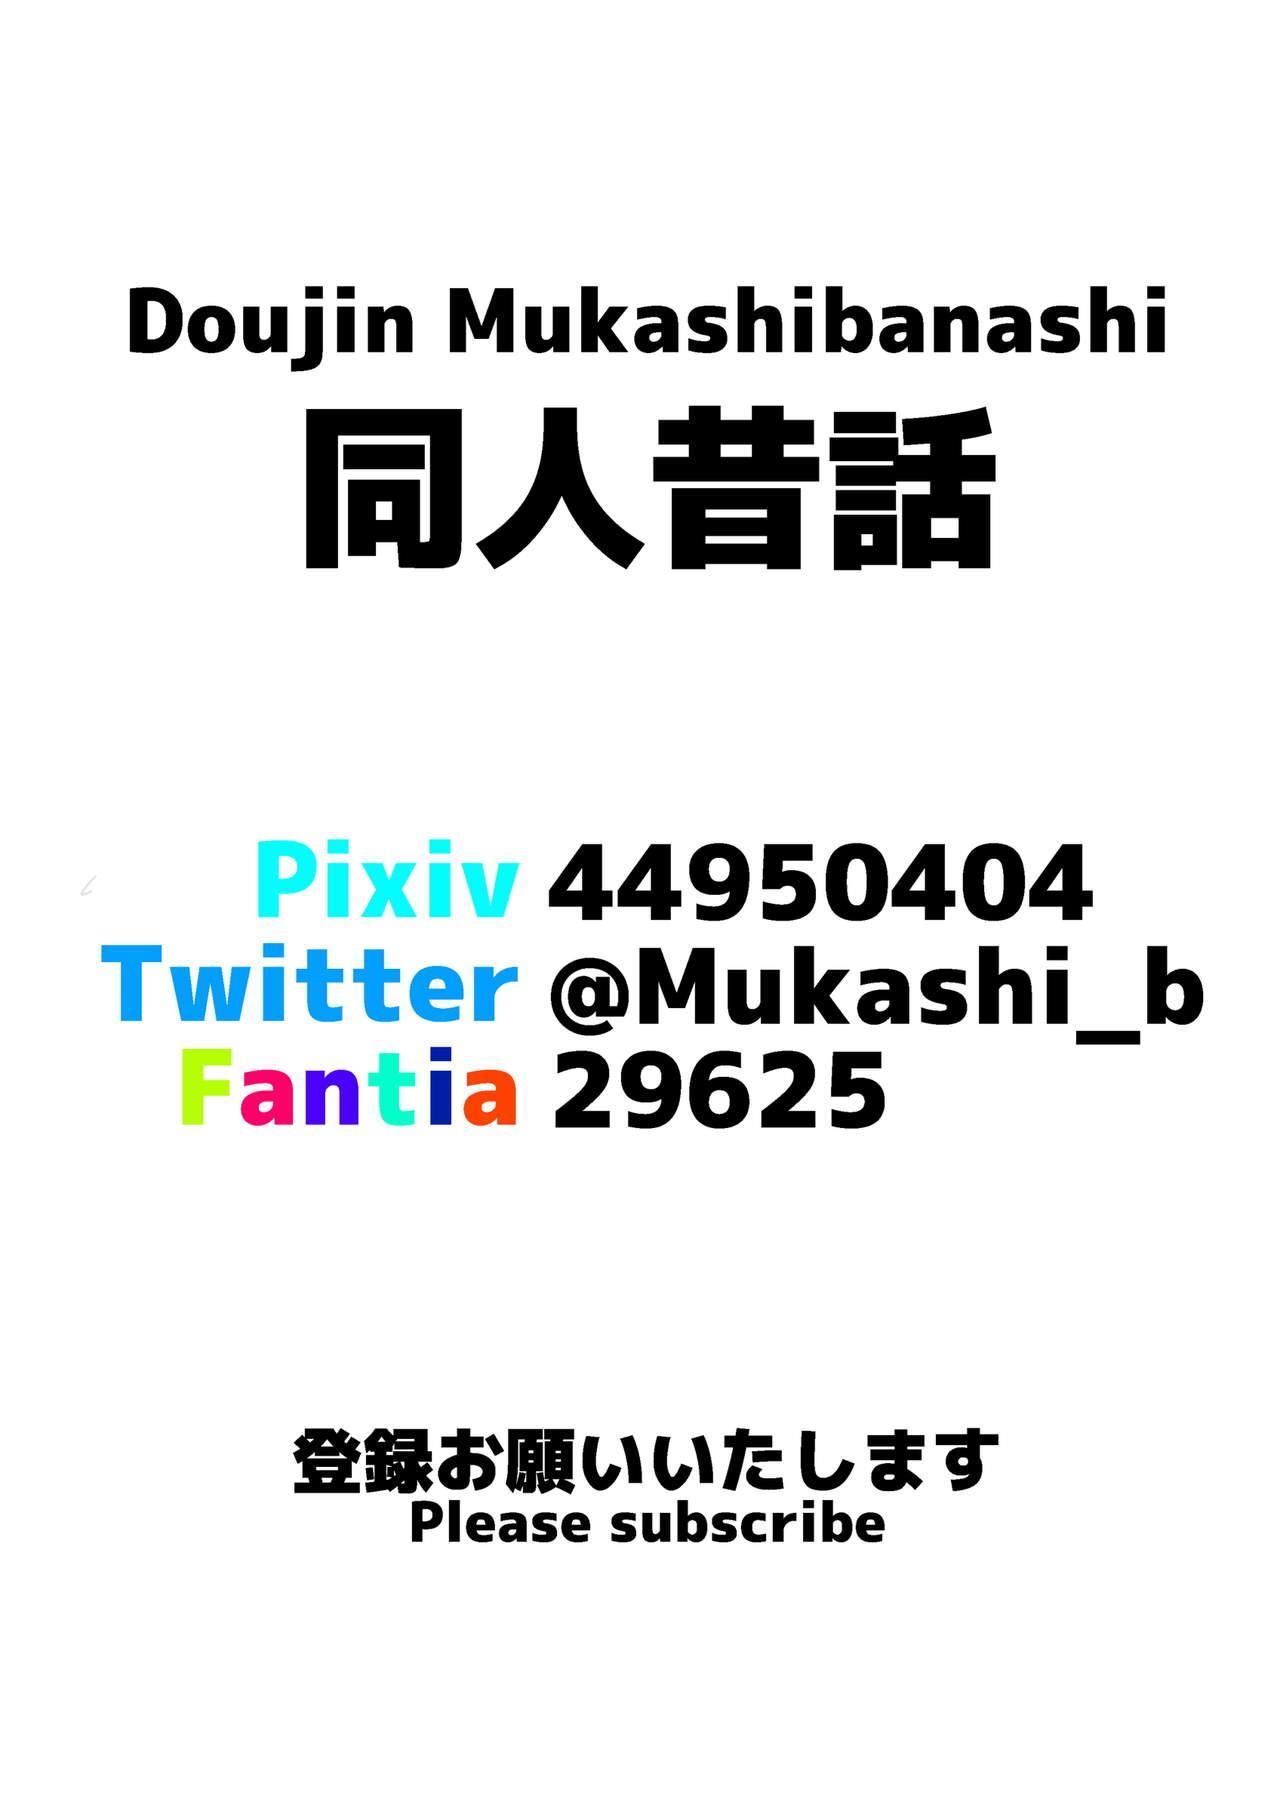 Tsuma to Rinjin no DQN ga 26